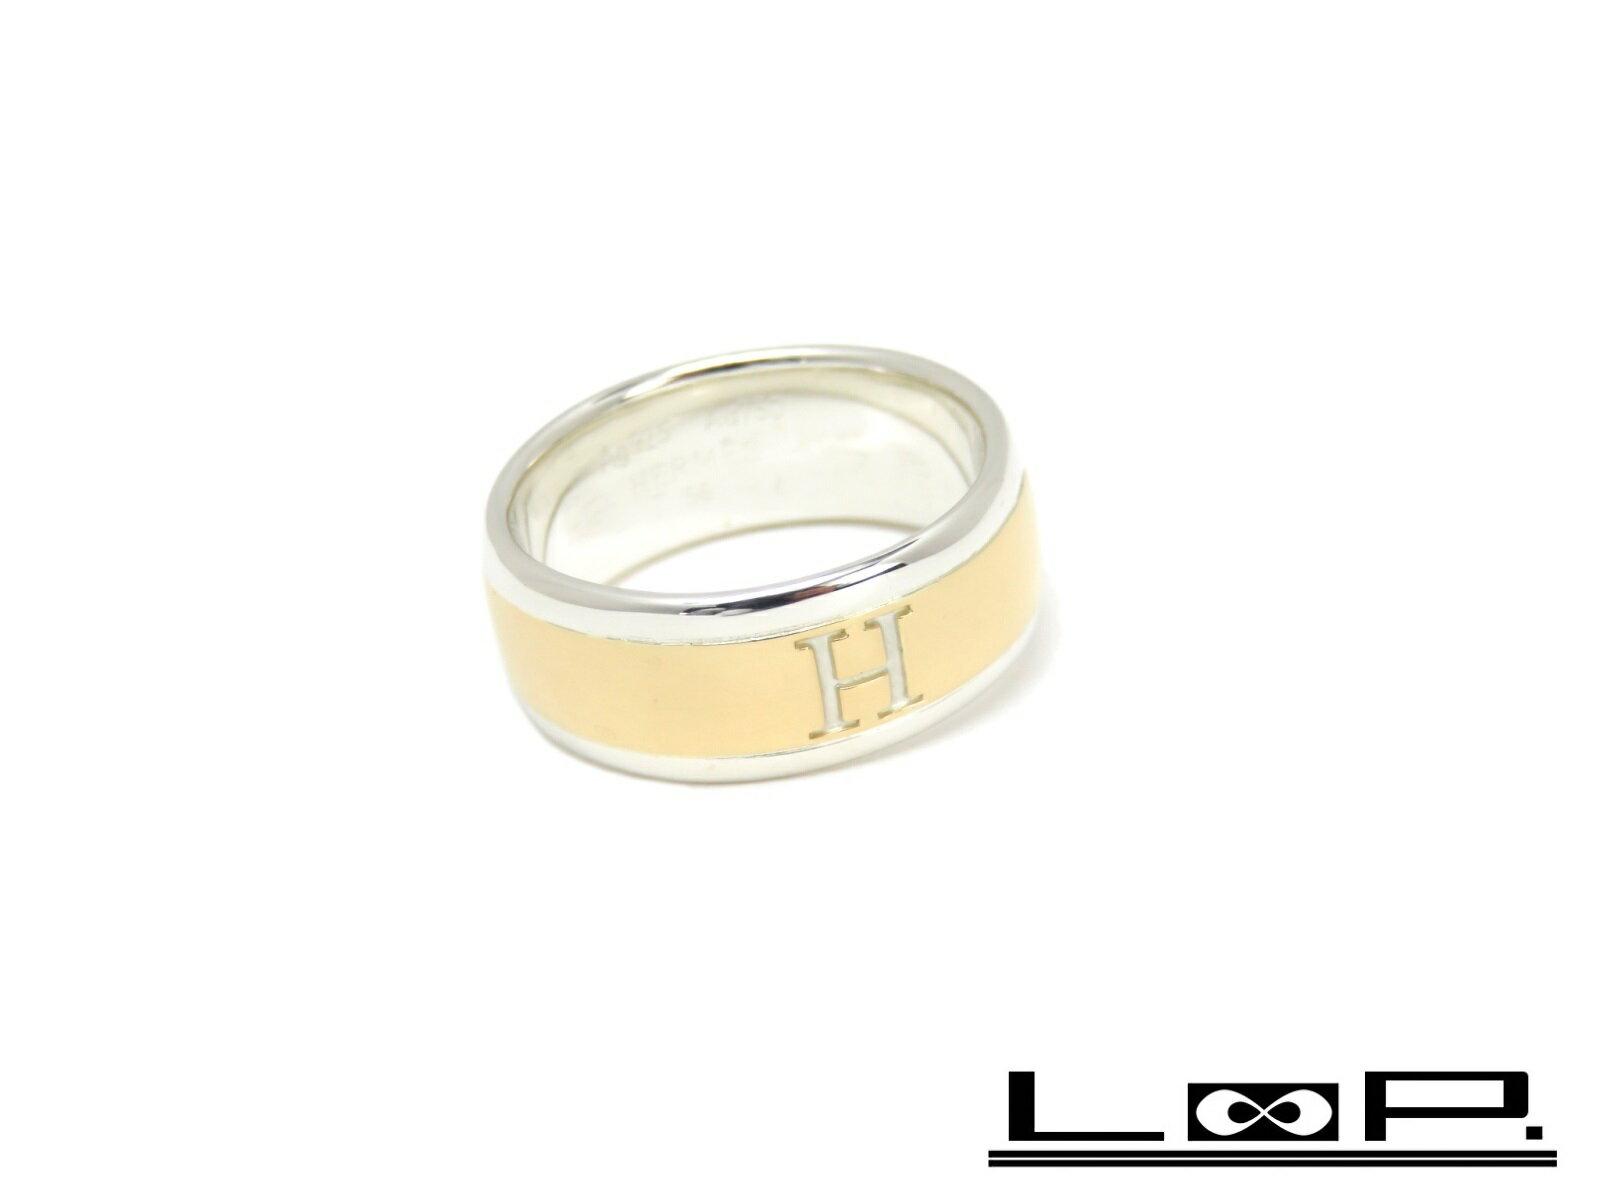 レディースジュエリー・アクセサリー, 指輪・リング  HERMES H K18 YG 750 SV 925 56 A32631